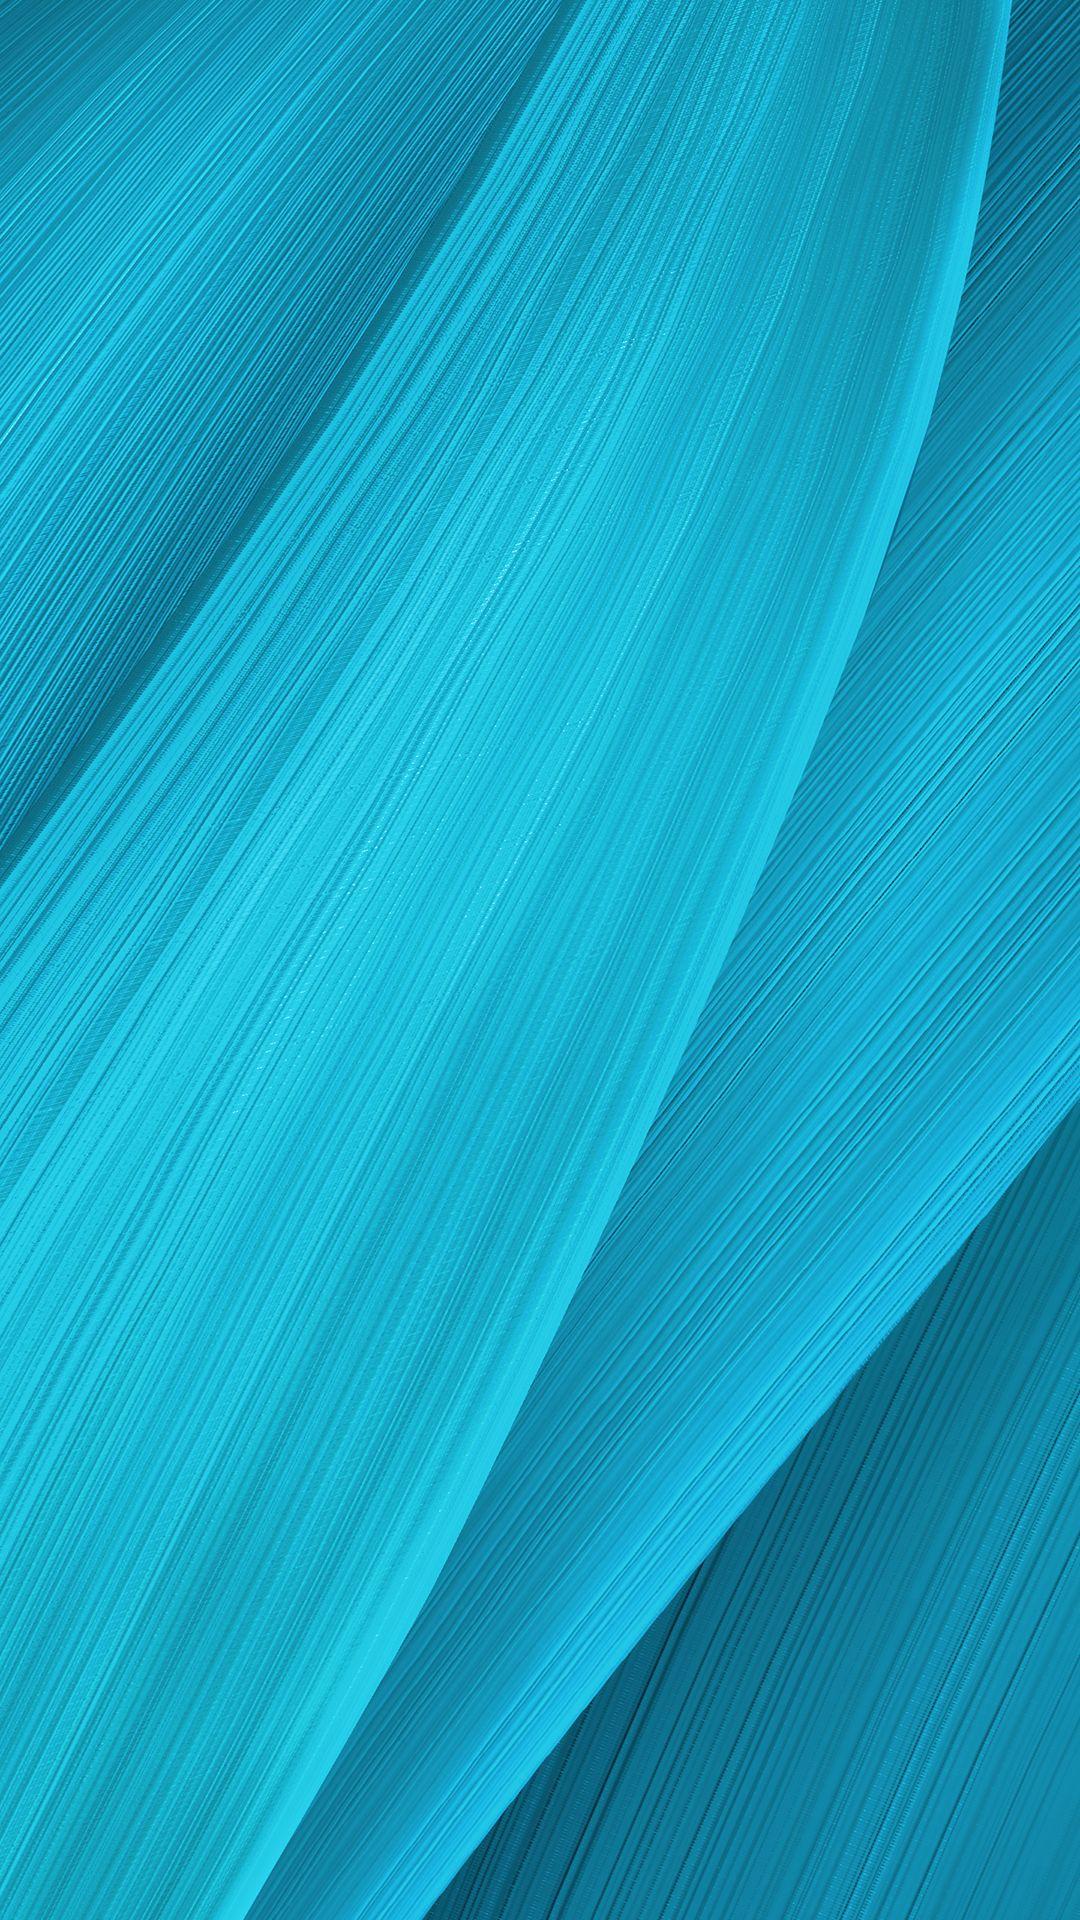 Kumpulan Wallpaper Asus Zenfone 2 Deluxe  Gratis